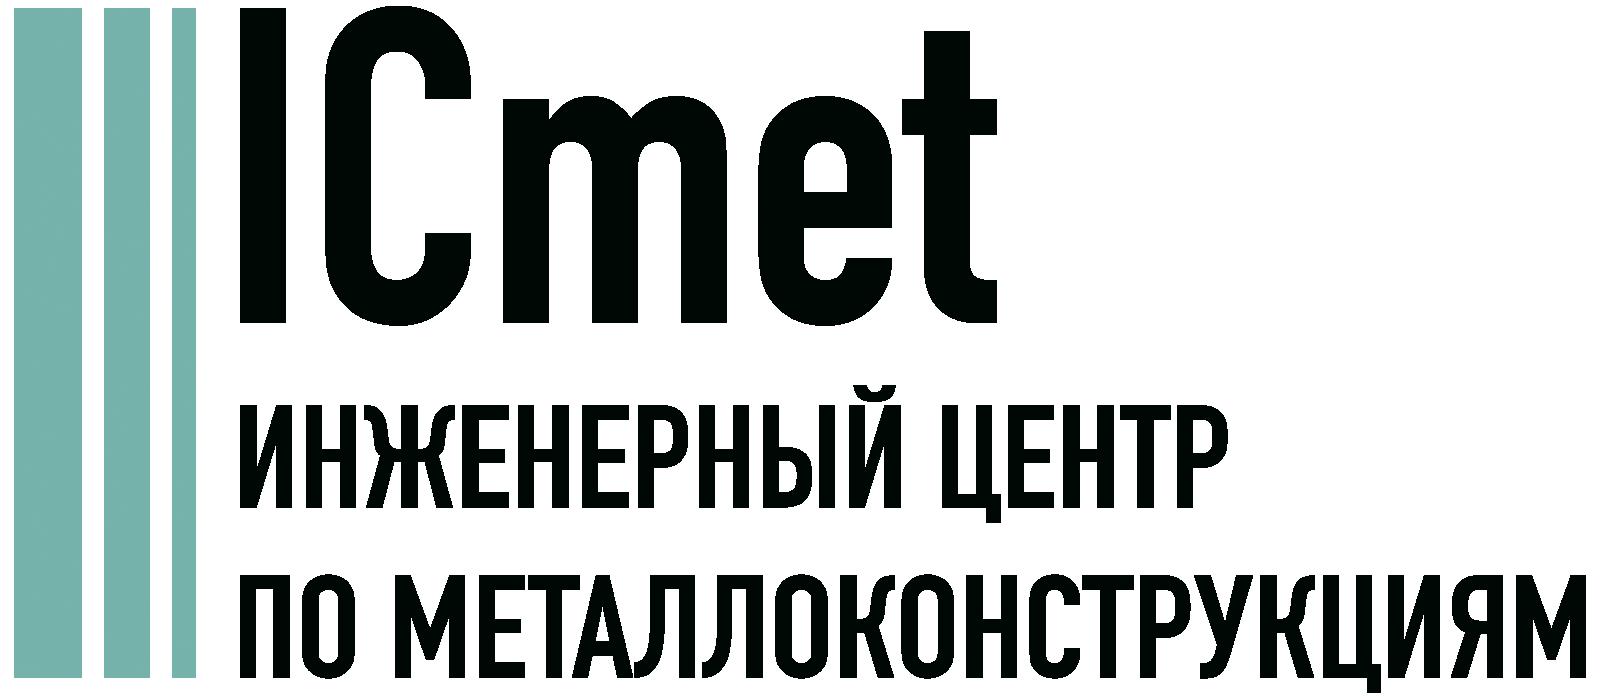 Проектирование металлоконструкций в Новокузнецке